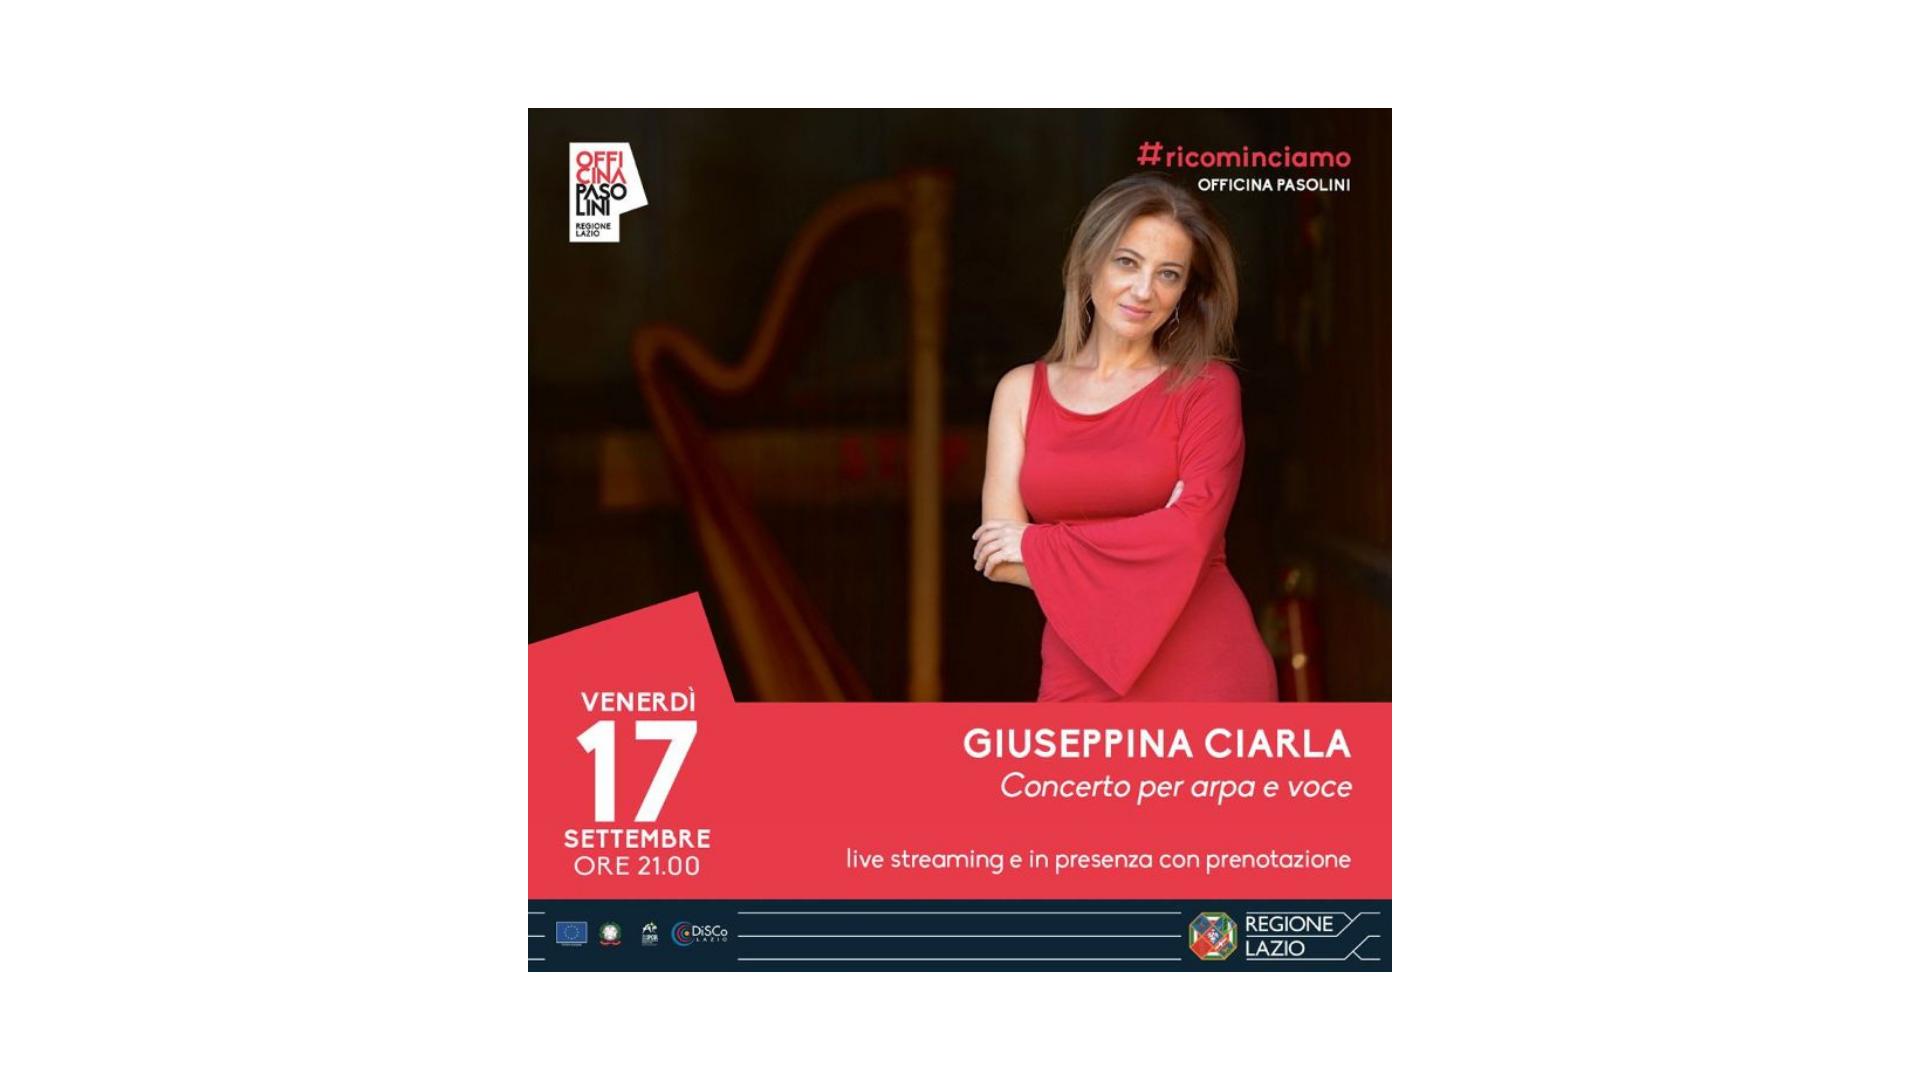 Giuseppina Ciarla, il concerto all'Officina Pasolini